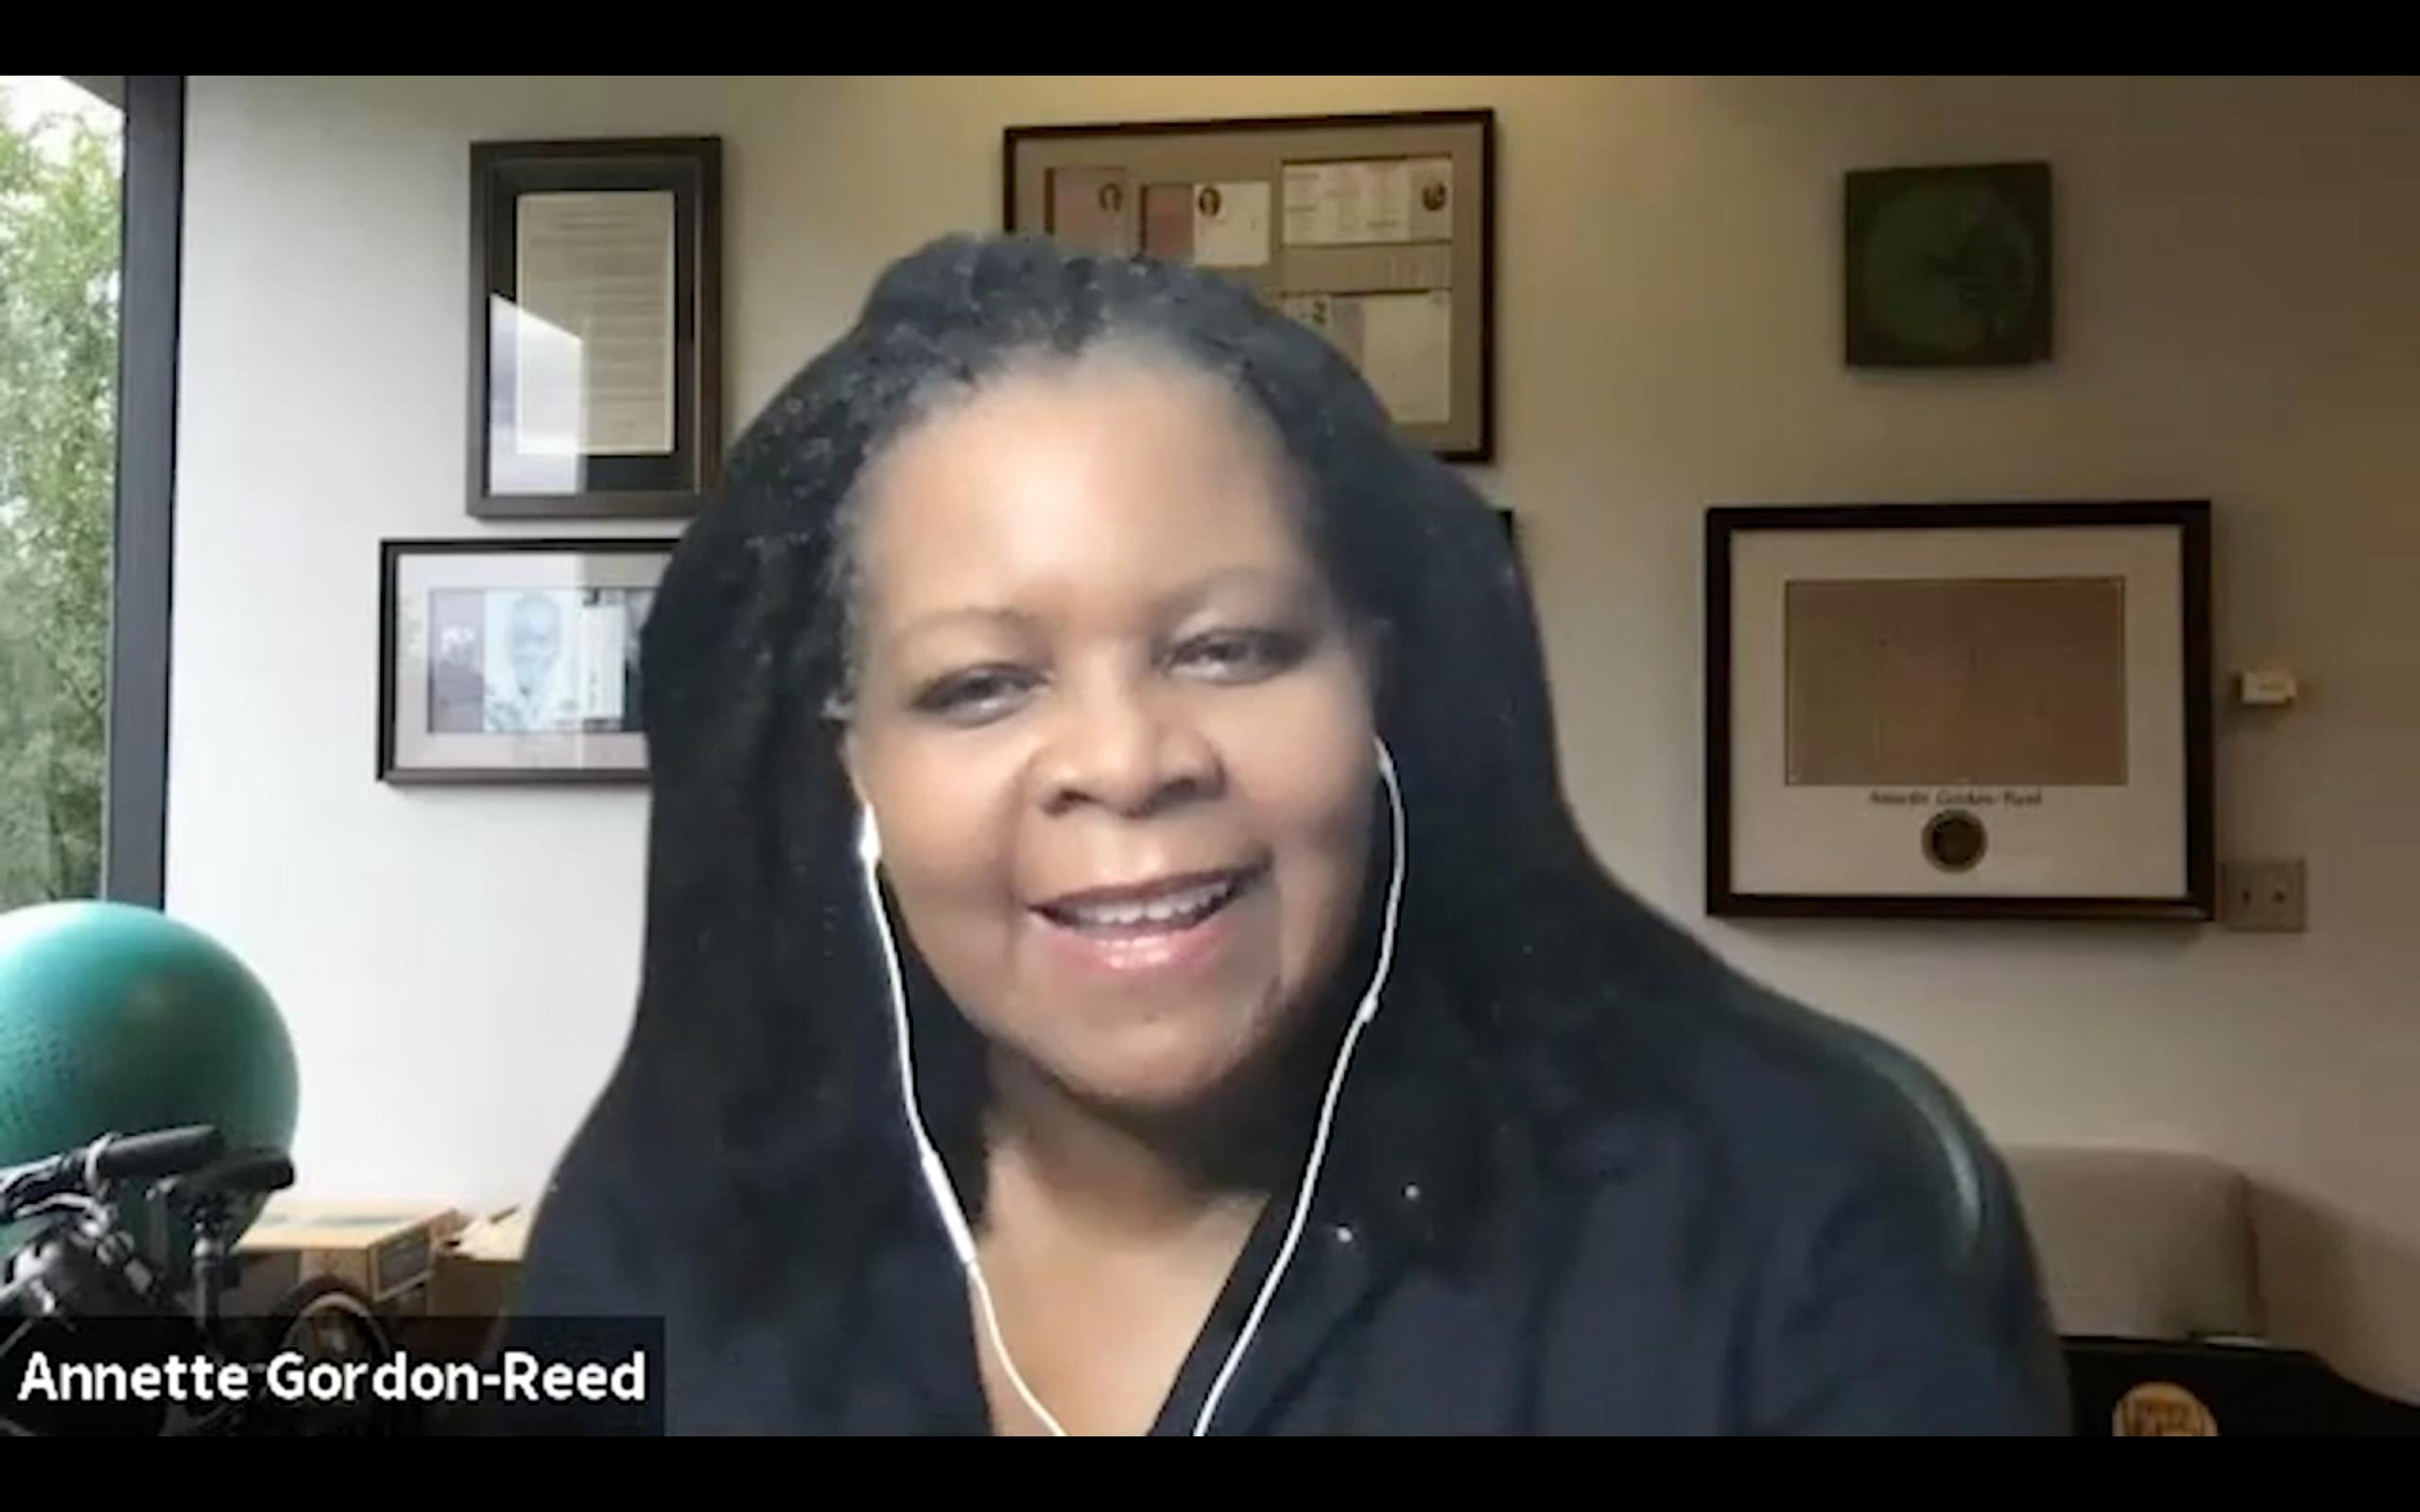 Screen Capture: Annette Gordon-Reed Zoom Keynote